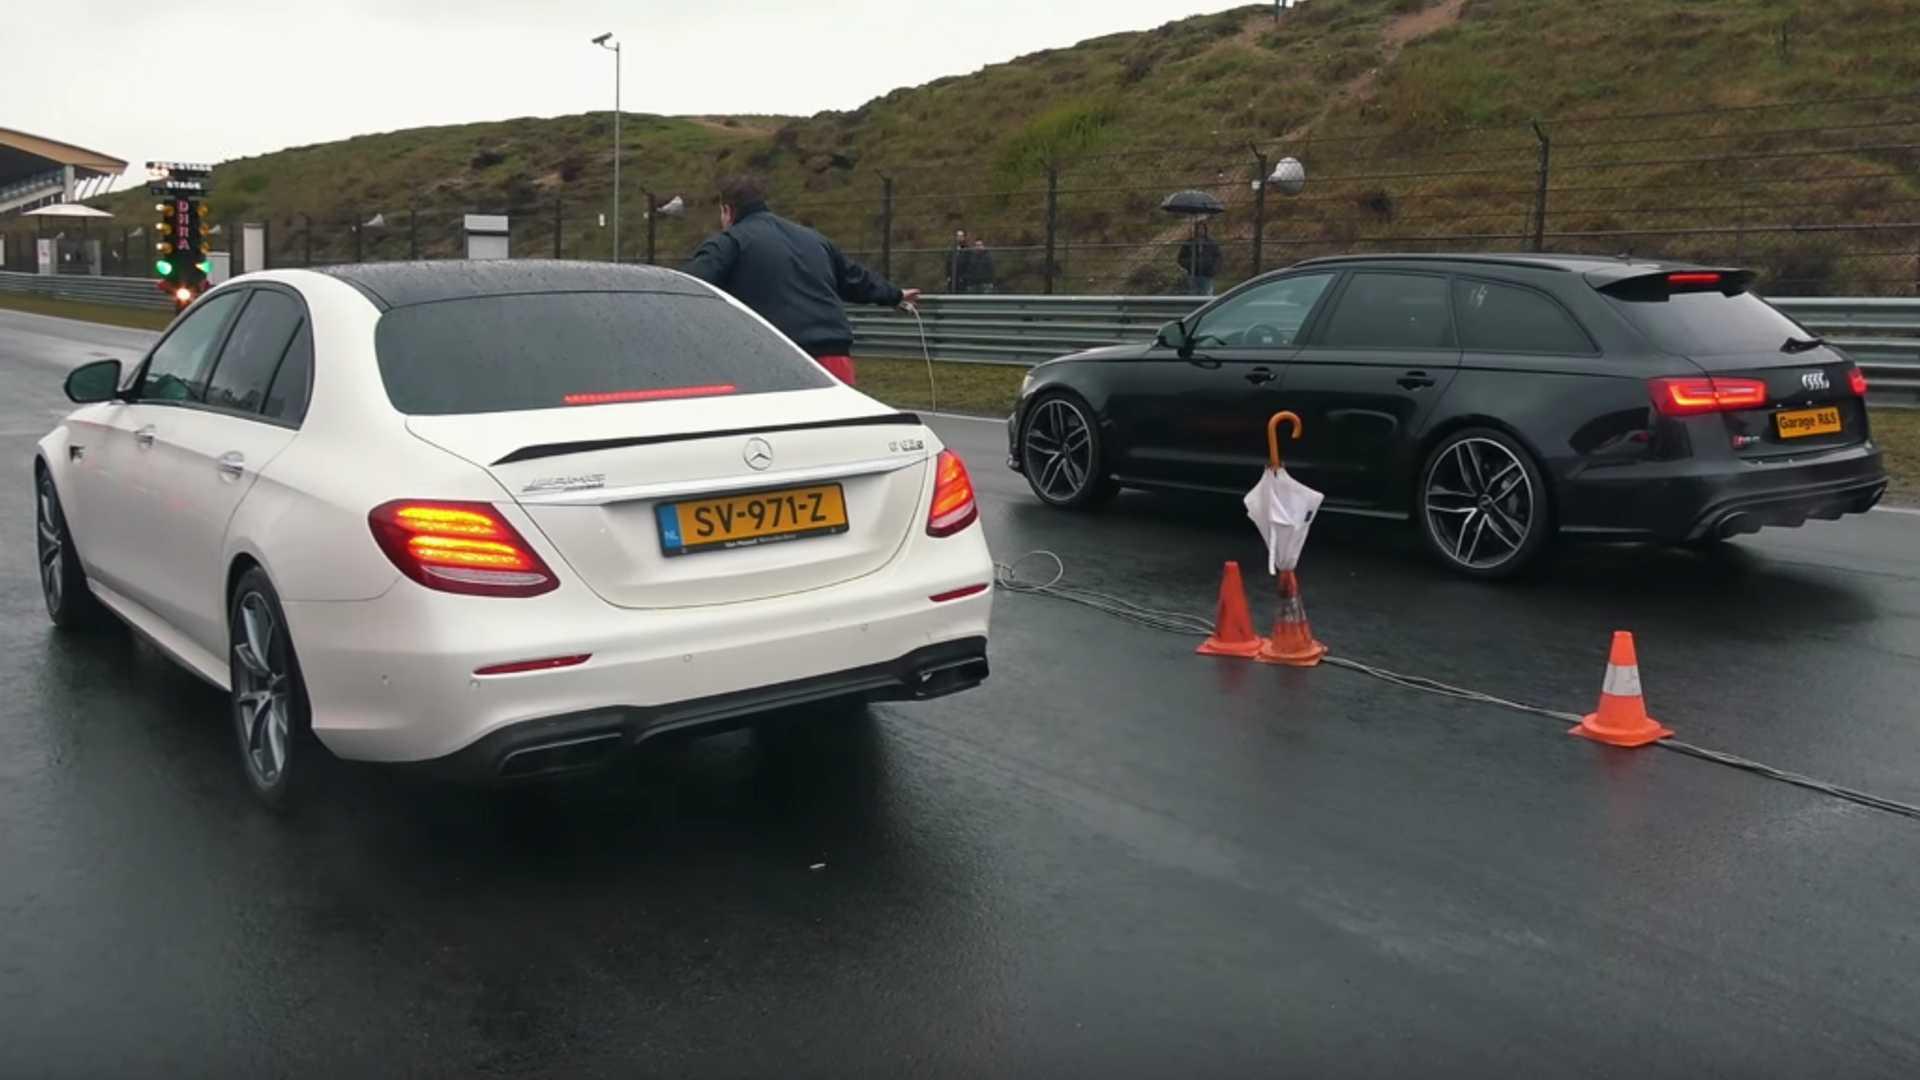 Топовый Mercedes-Benz E63 S – настоящий слипер-кар: снаружи ничего не выдает в нем «спортсмена», но стоит нажать на газ…